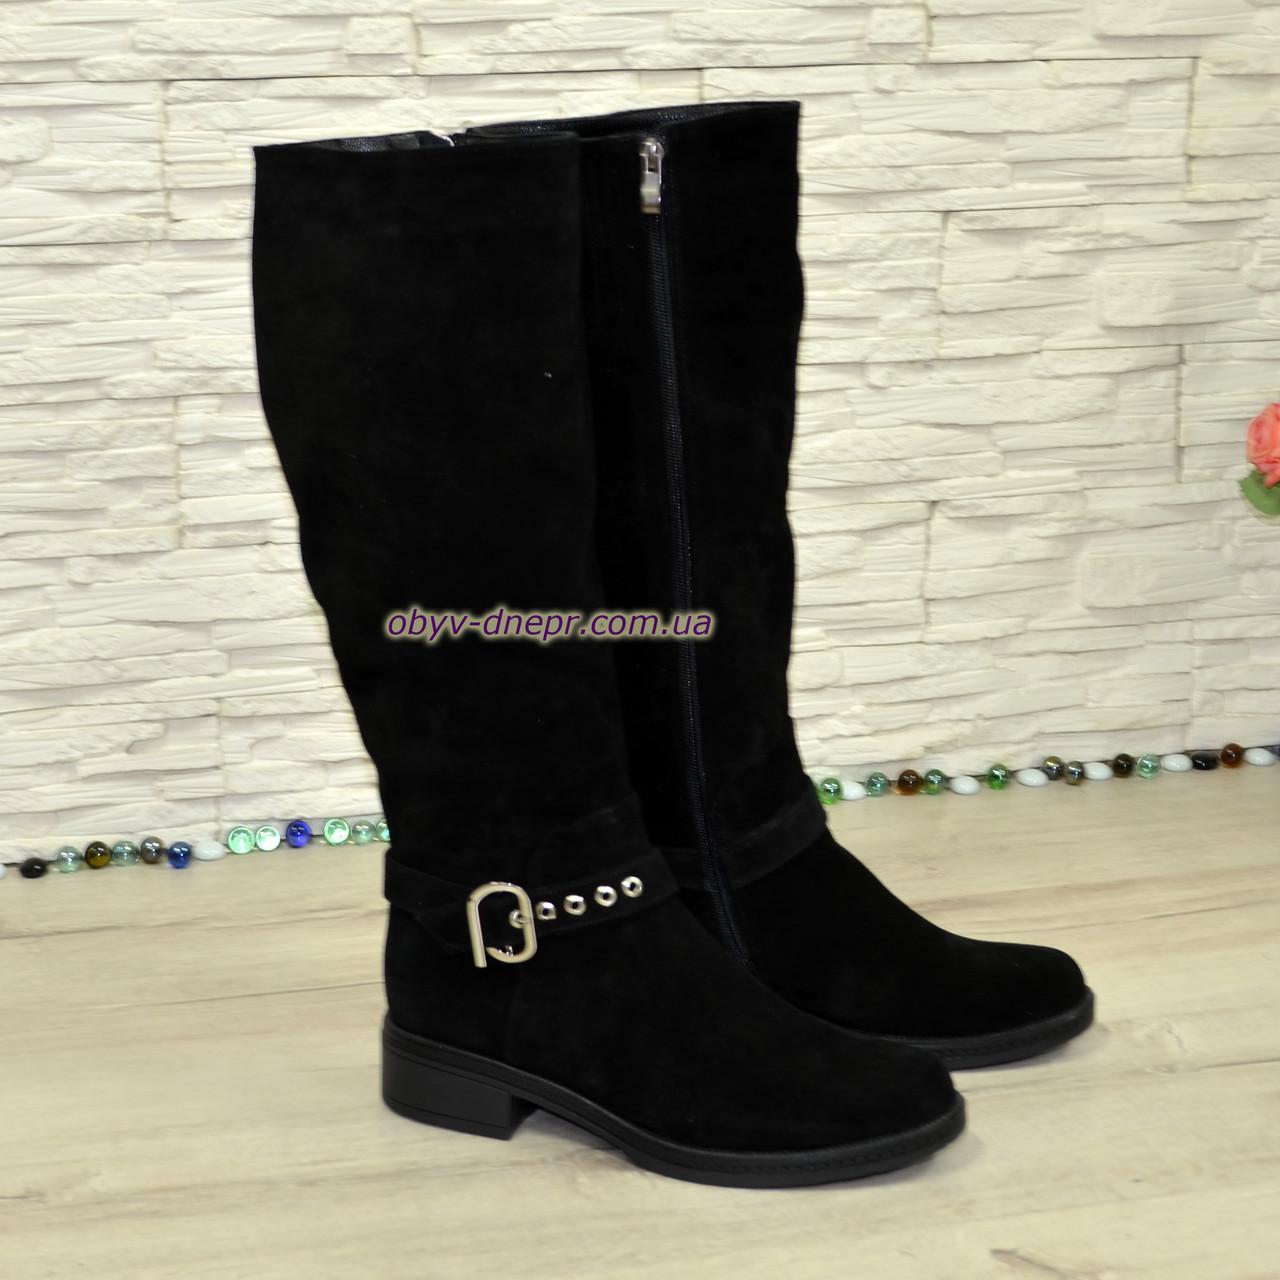 Сапоги женские демисезонные на невысоком каблуке, натуральная замша черного цвета